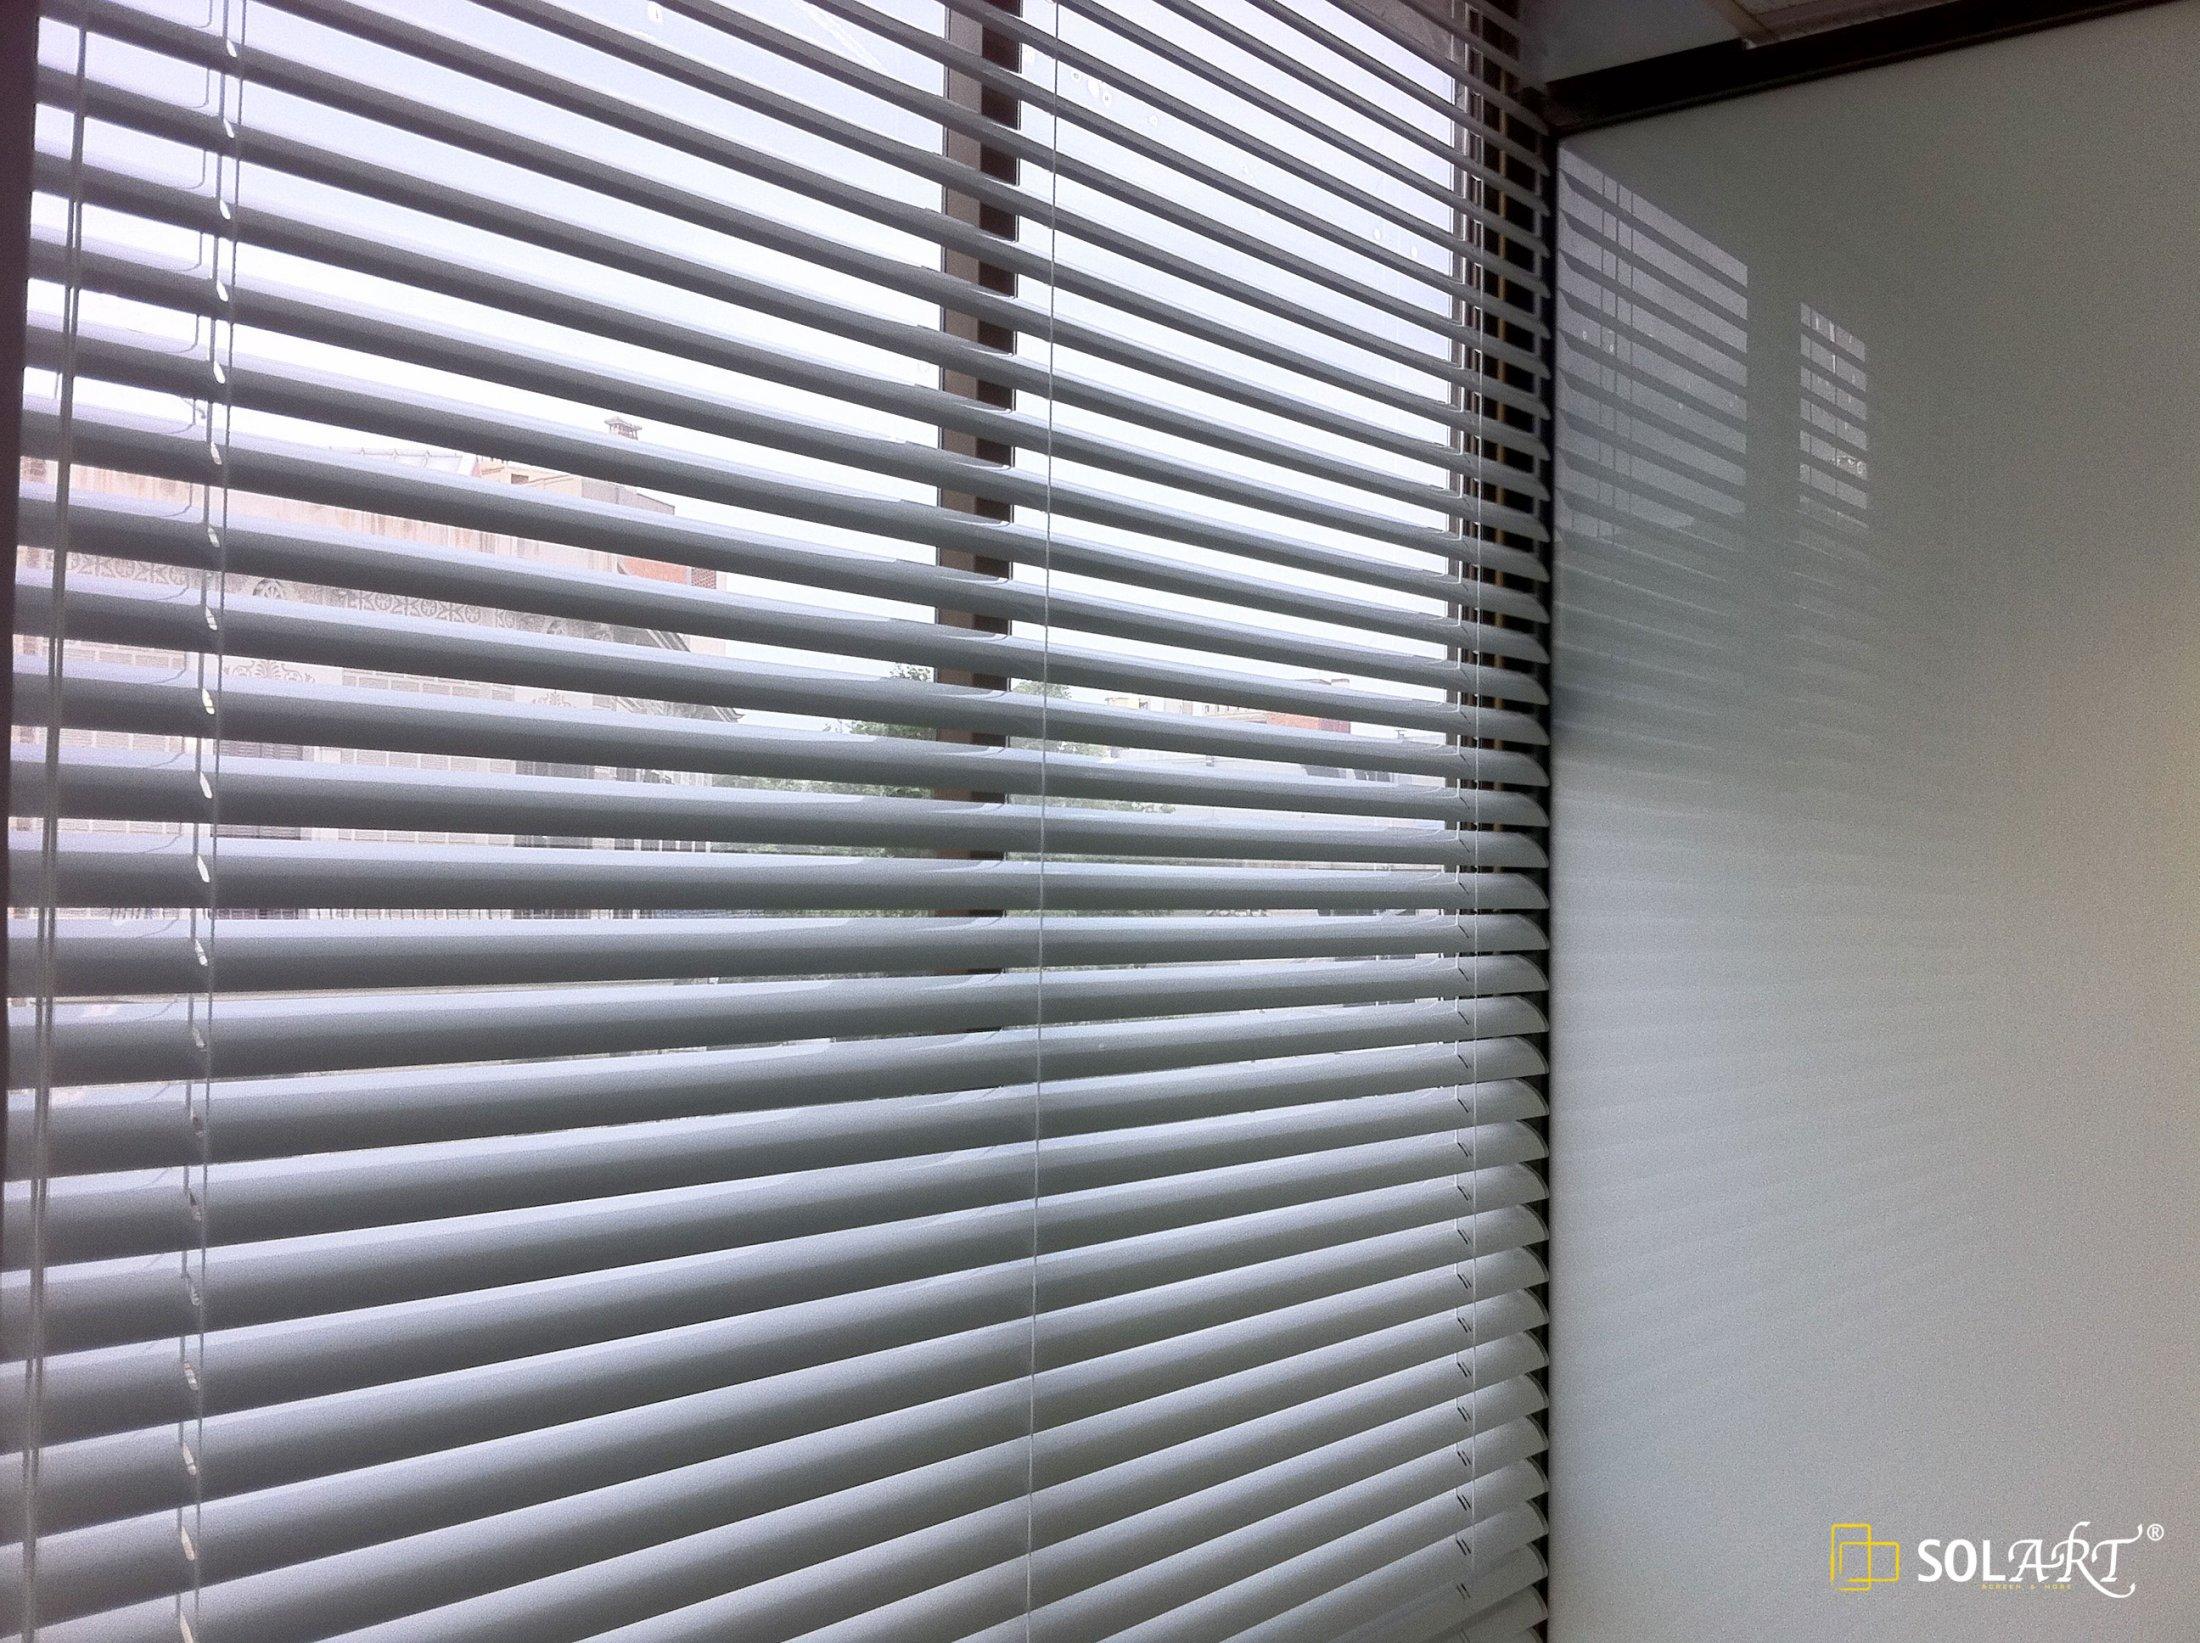 Cortinas venecianas solart 37 solart - Comprar cortinas barcelona ...